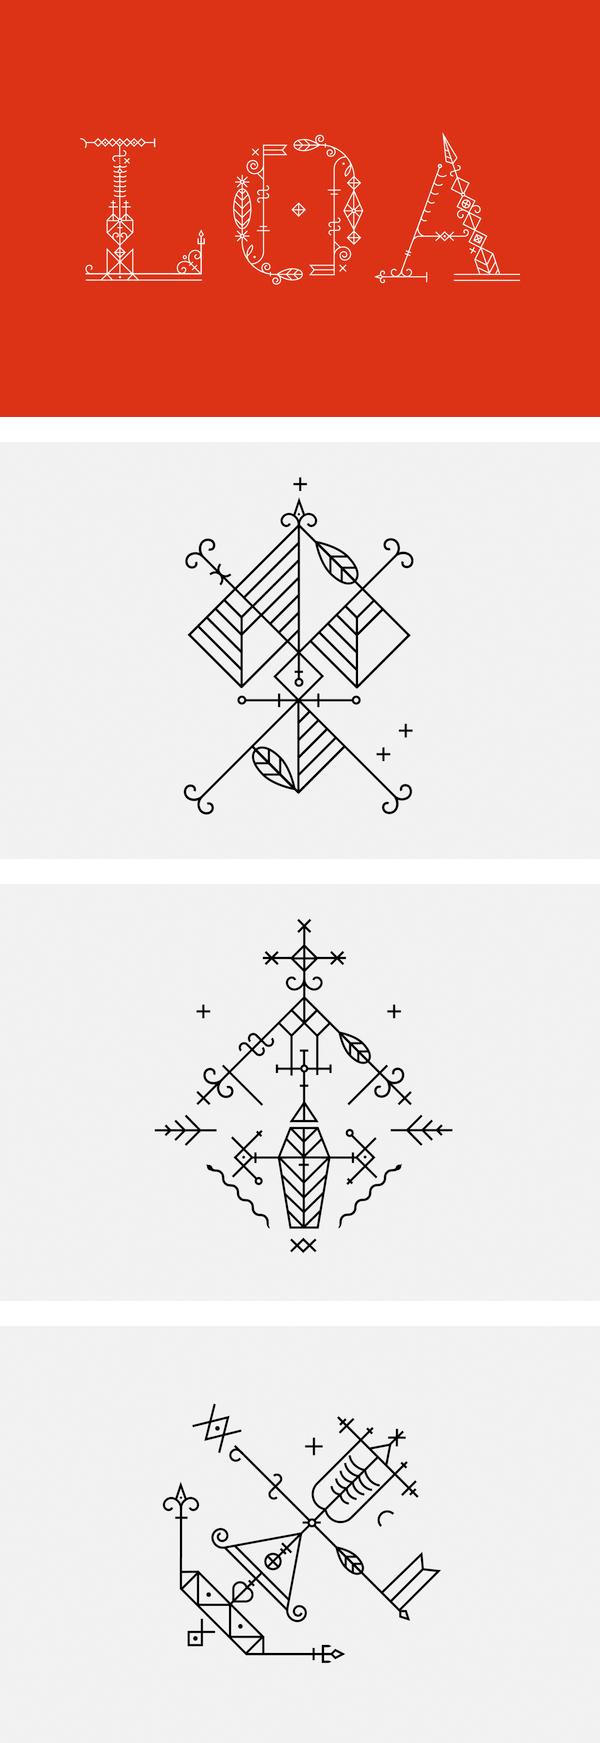 Morphoria Design Collective